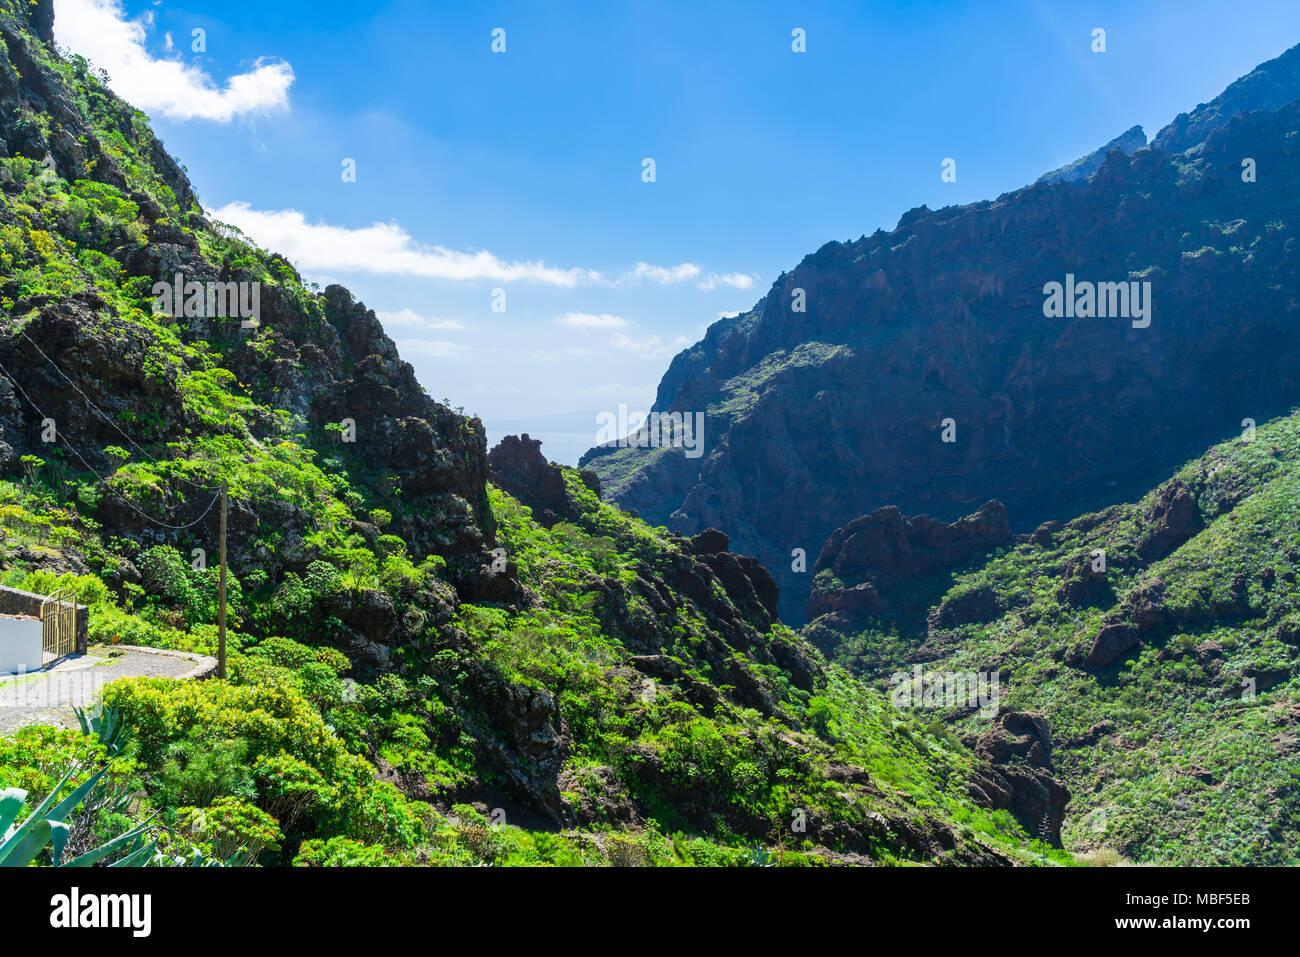 Blick auf den Berg Macizo de Teno Gebirge in Teneriffa, Kanarische Inseln Stockbild